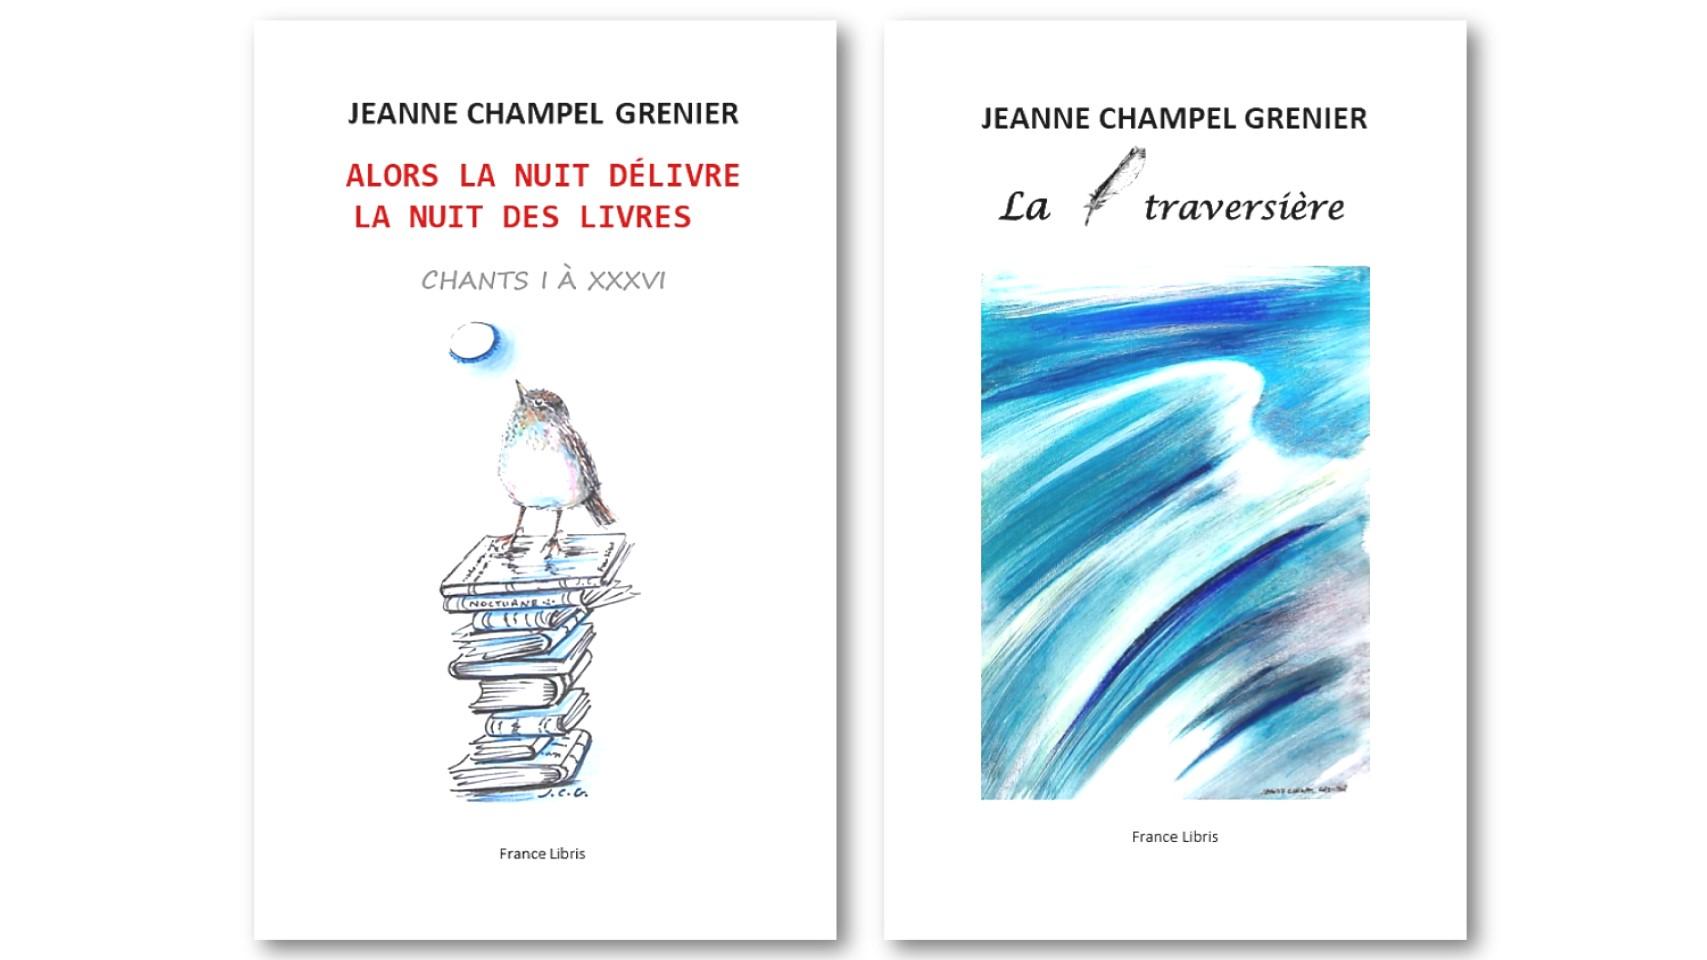 page-de-couv-pour-bandeau-site-1.jpg